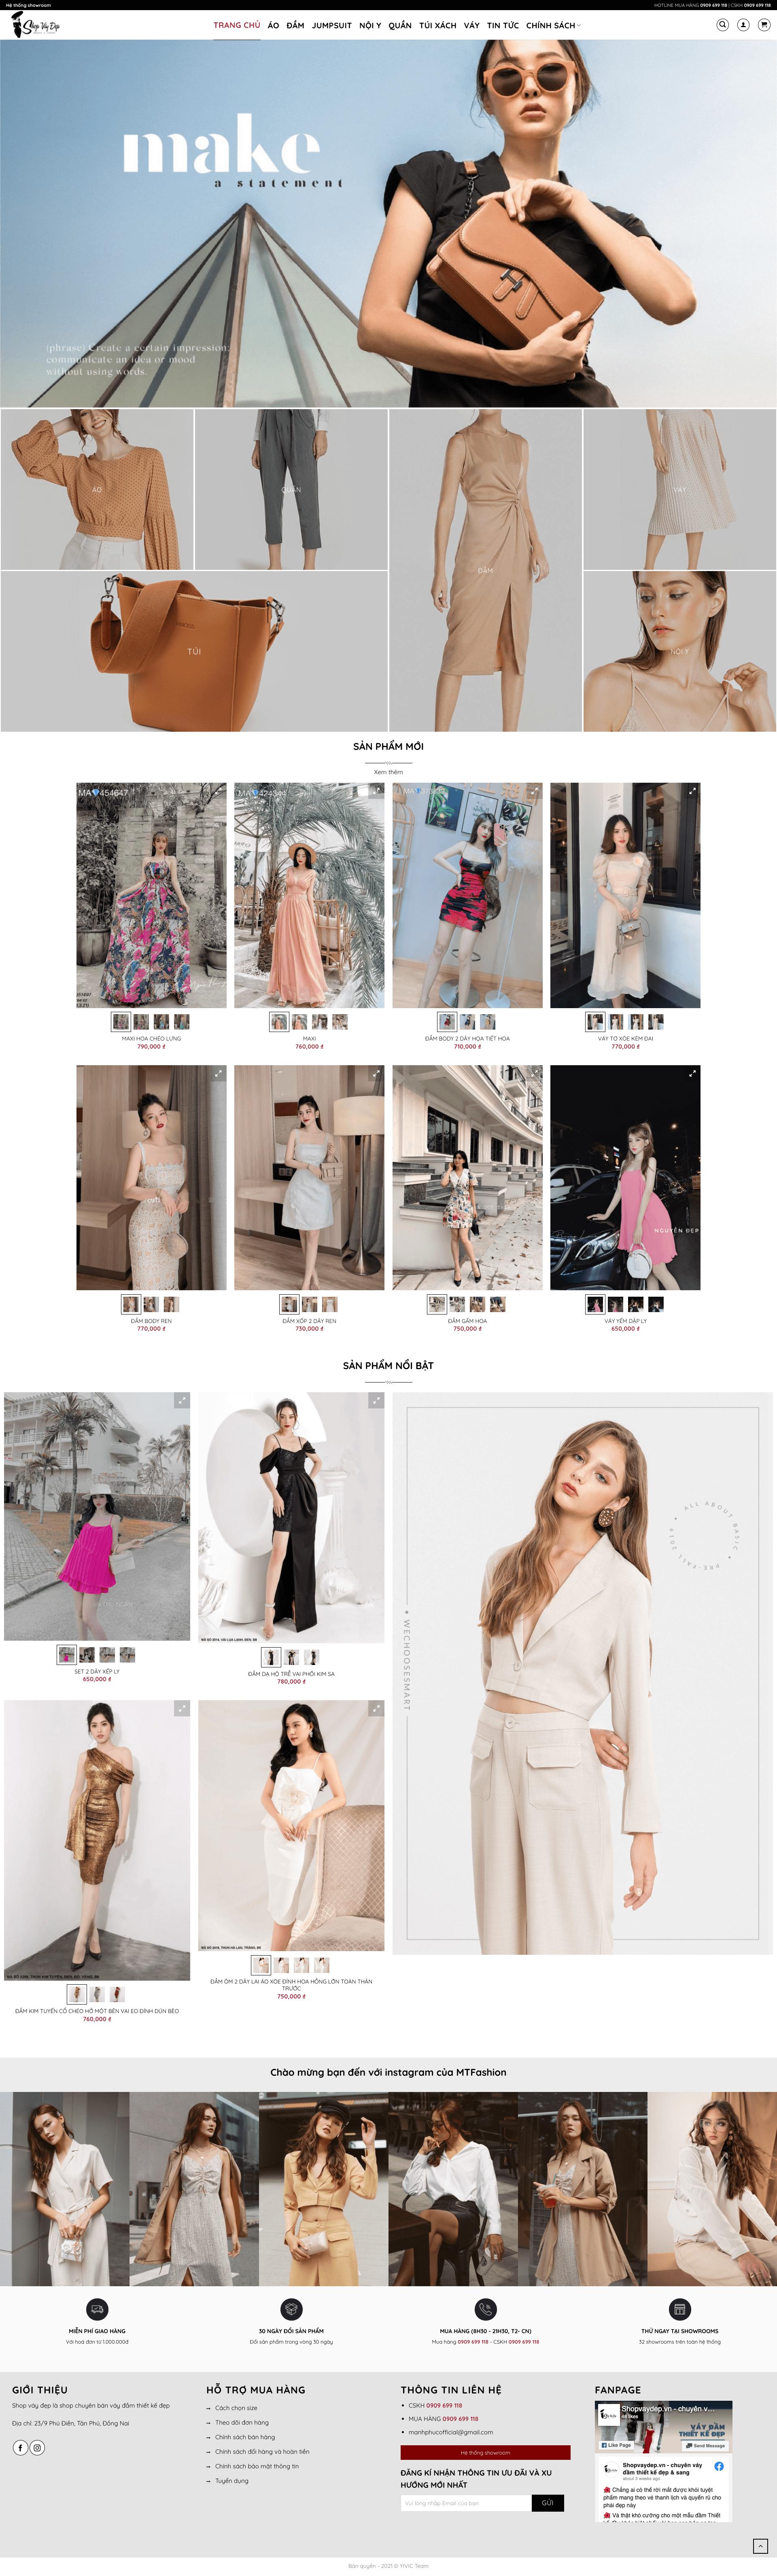 Thiết kế website của hàng bán váy, quần áo MS01